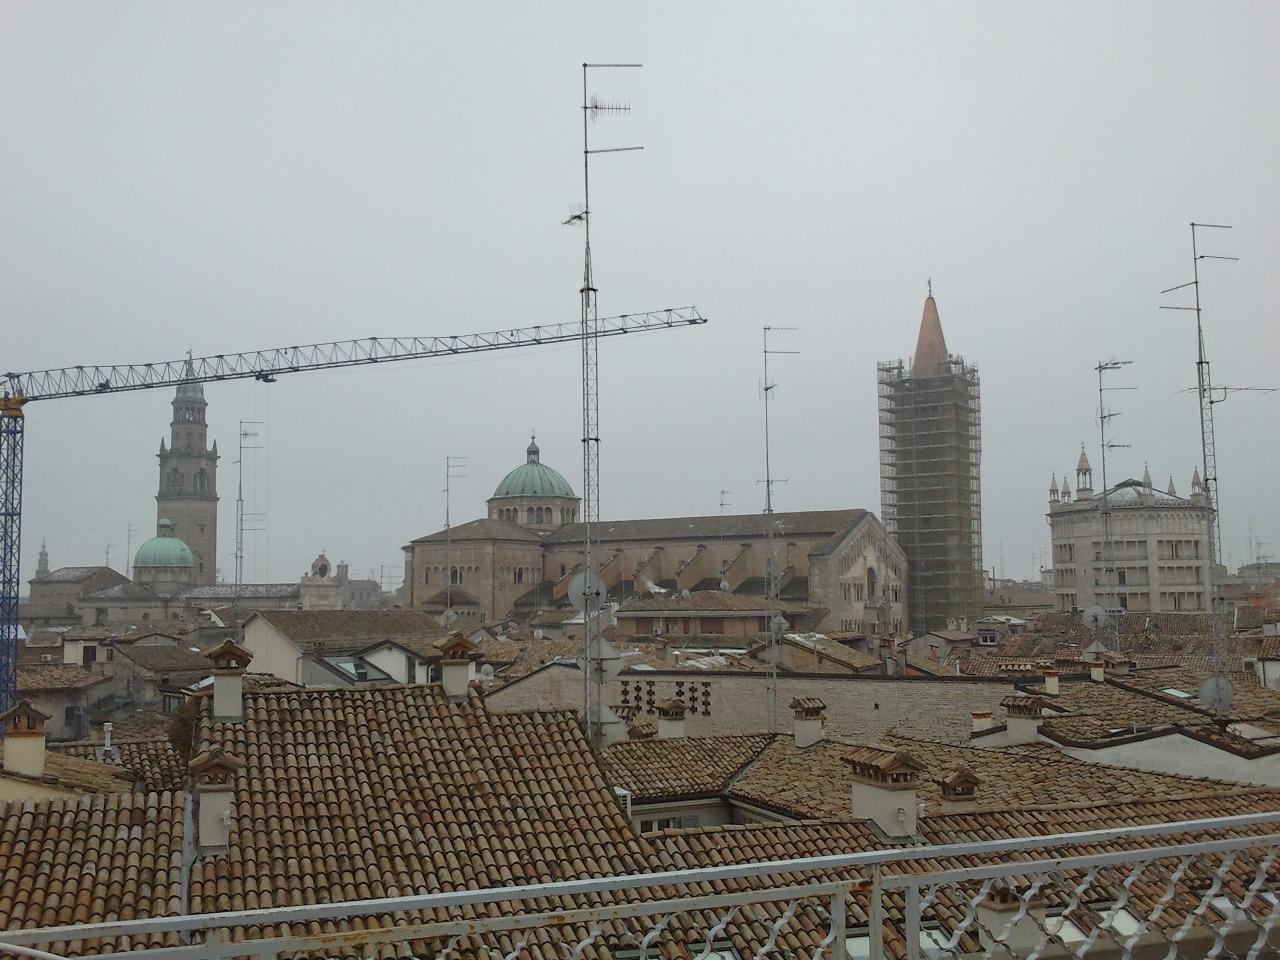 Attico / Mansarda in vendita a Parma, 5 locali, Trattative riservate | Cambio Casa.it